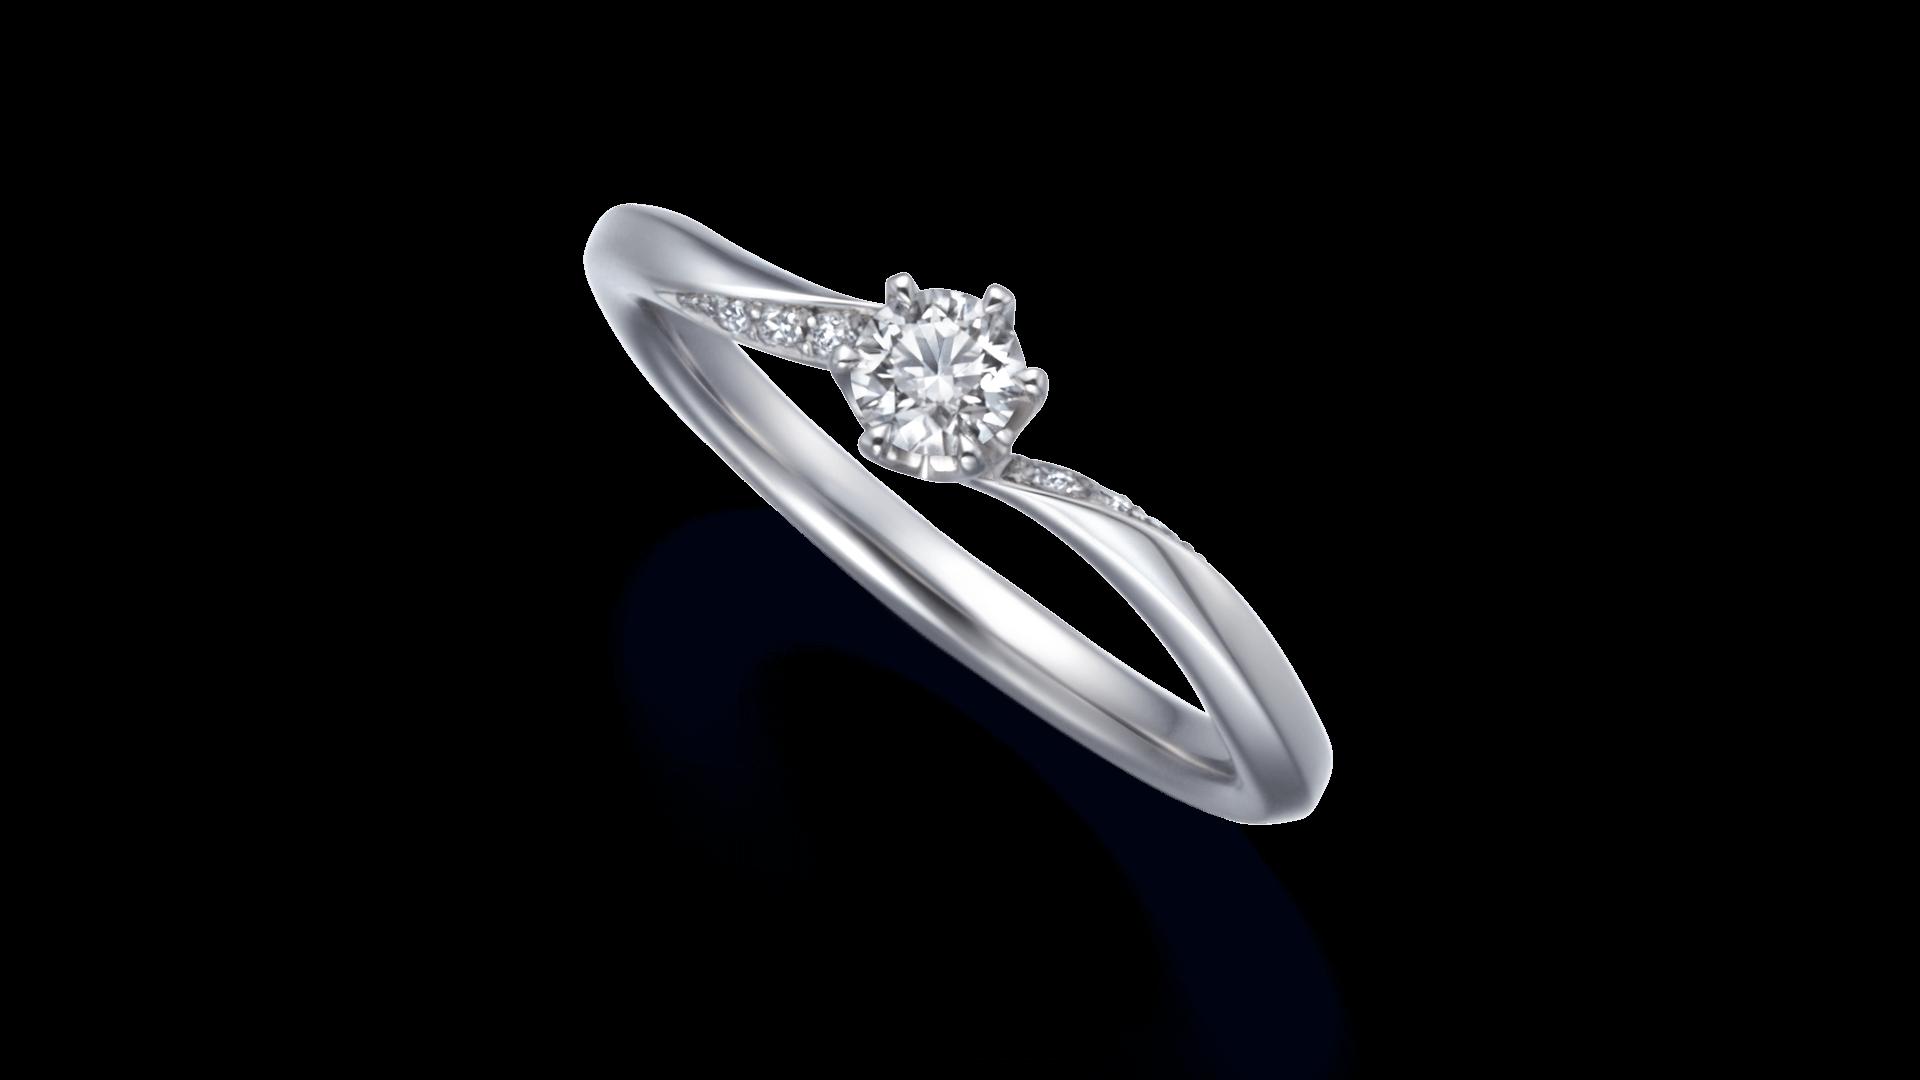 flanery フラネリー | 婚約指輪サムネイル 3